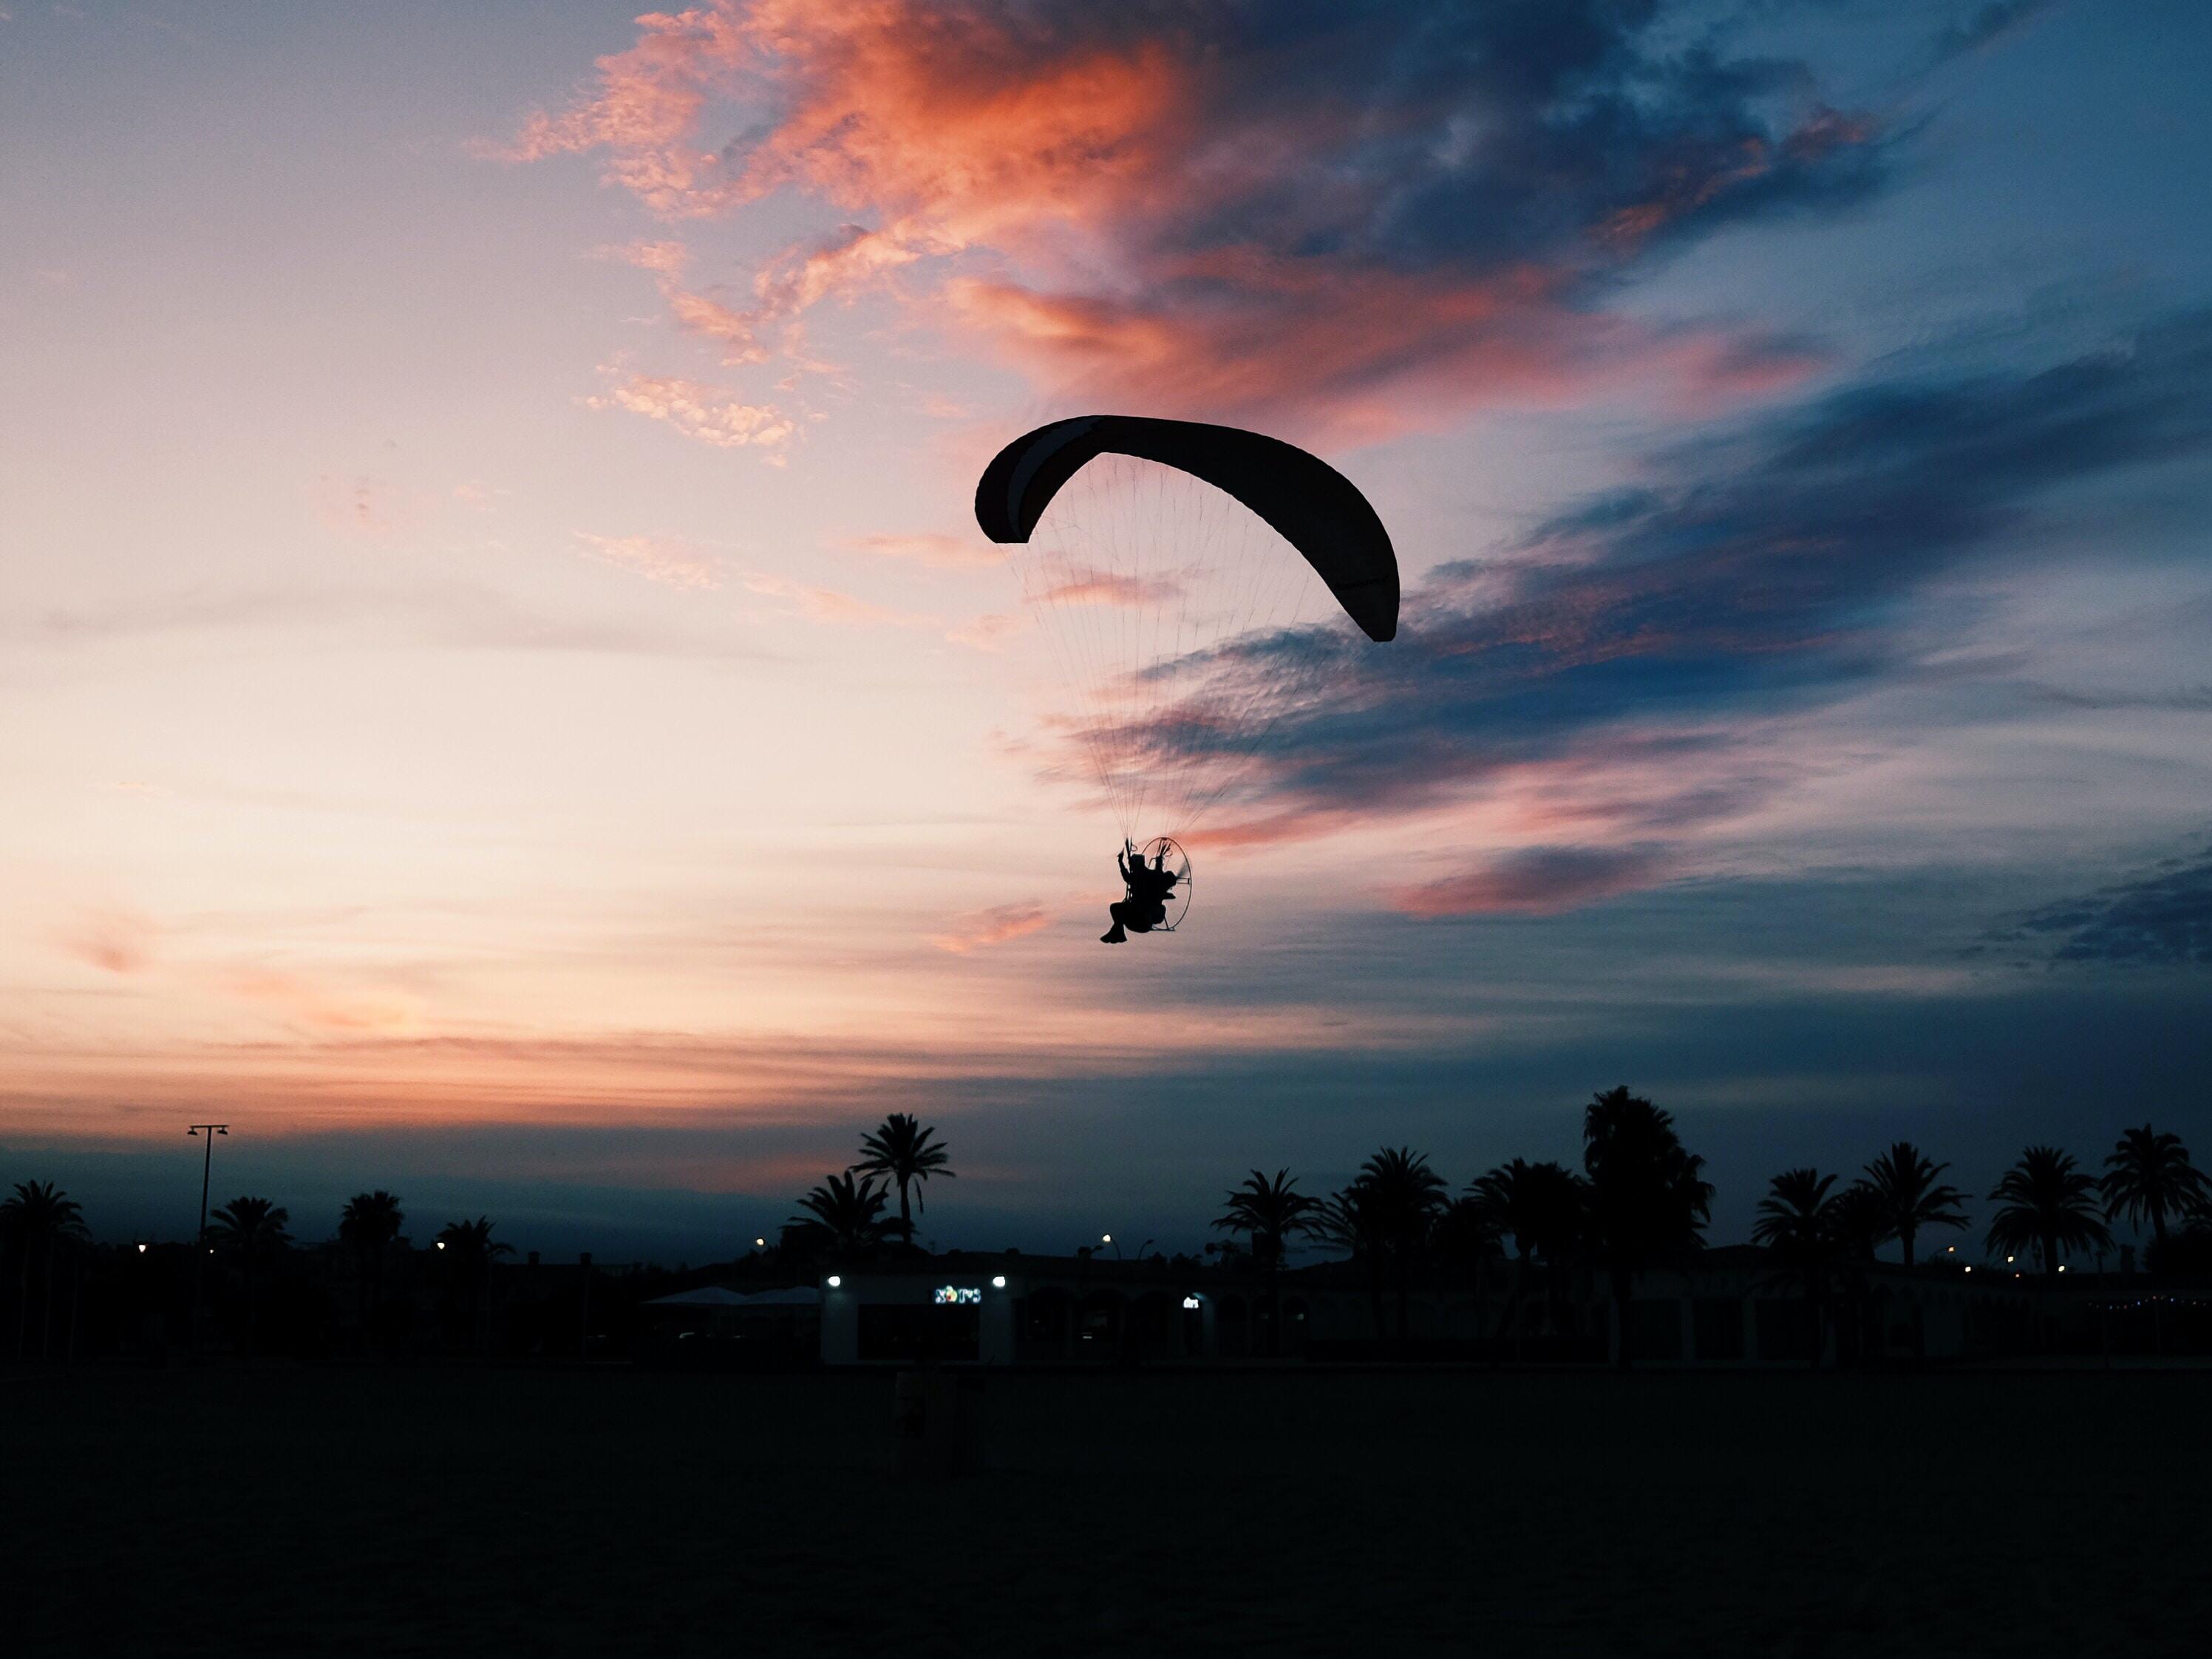 silhouette of man parachuting under gray sky